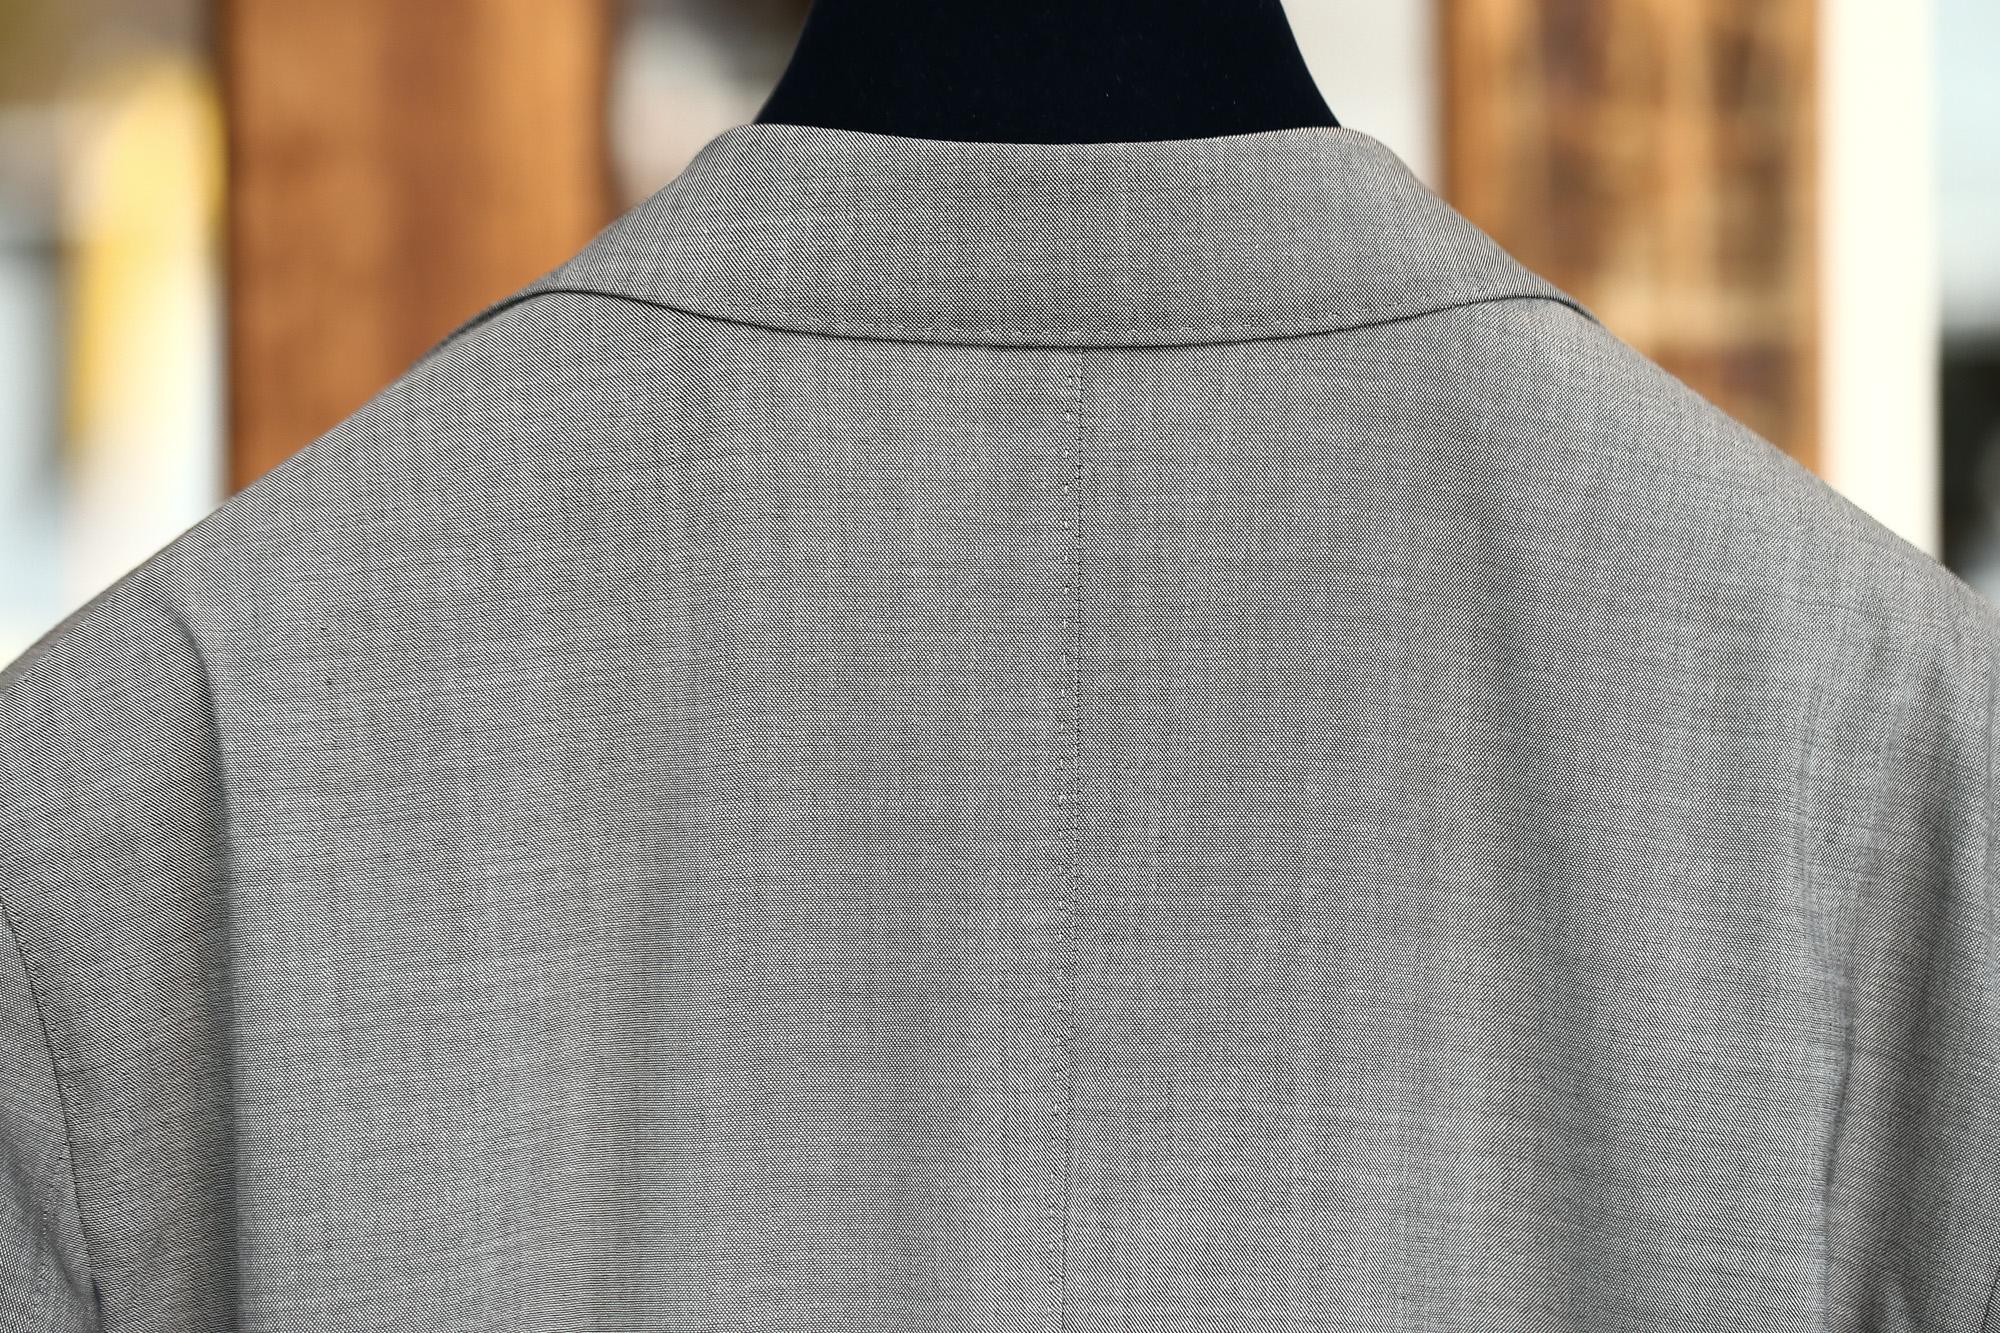 BOGLIOLI MILANO (ボリオリ ミラノ) K.JACKET (Kジャケット) ストレッチ サマーウール 3B スーツ GRAY (グレー・33) Made in italy (イタリア製) 2018 春夏新作 boglioli ボリオリ 愛知 名古屋 ZODIAC ゾディアック